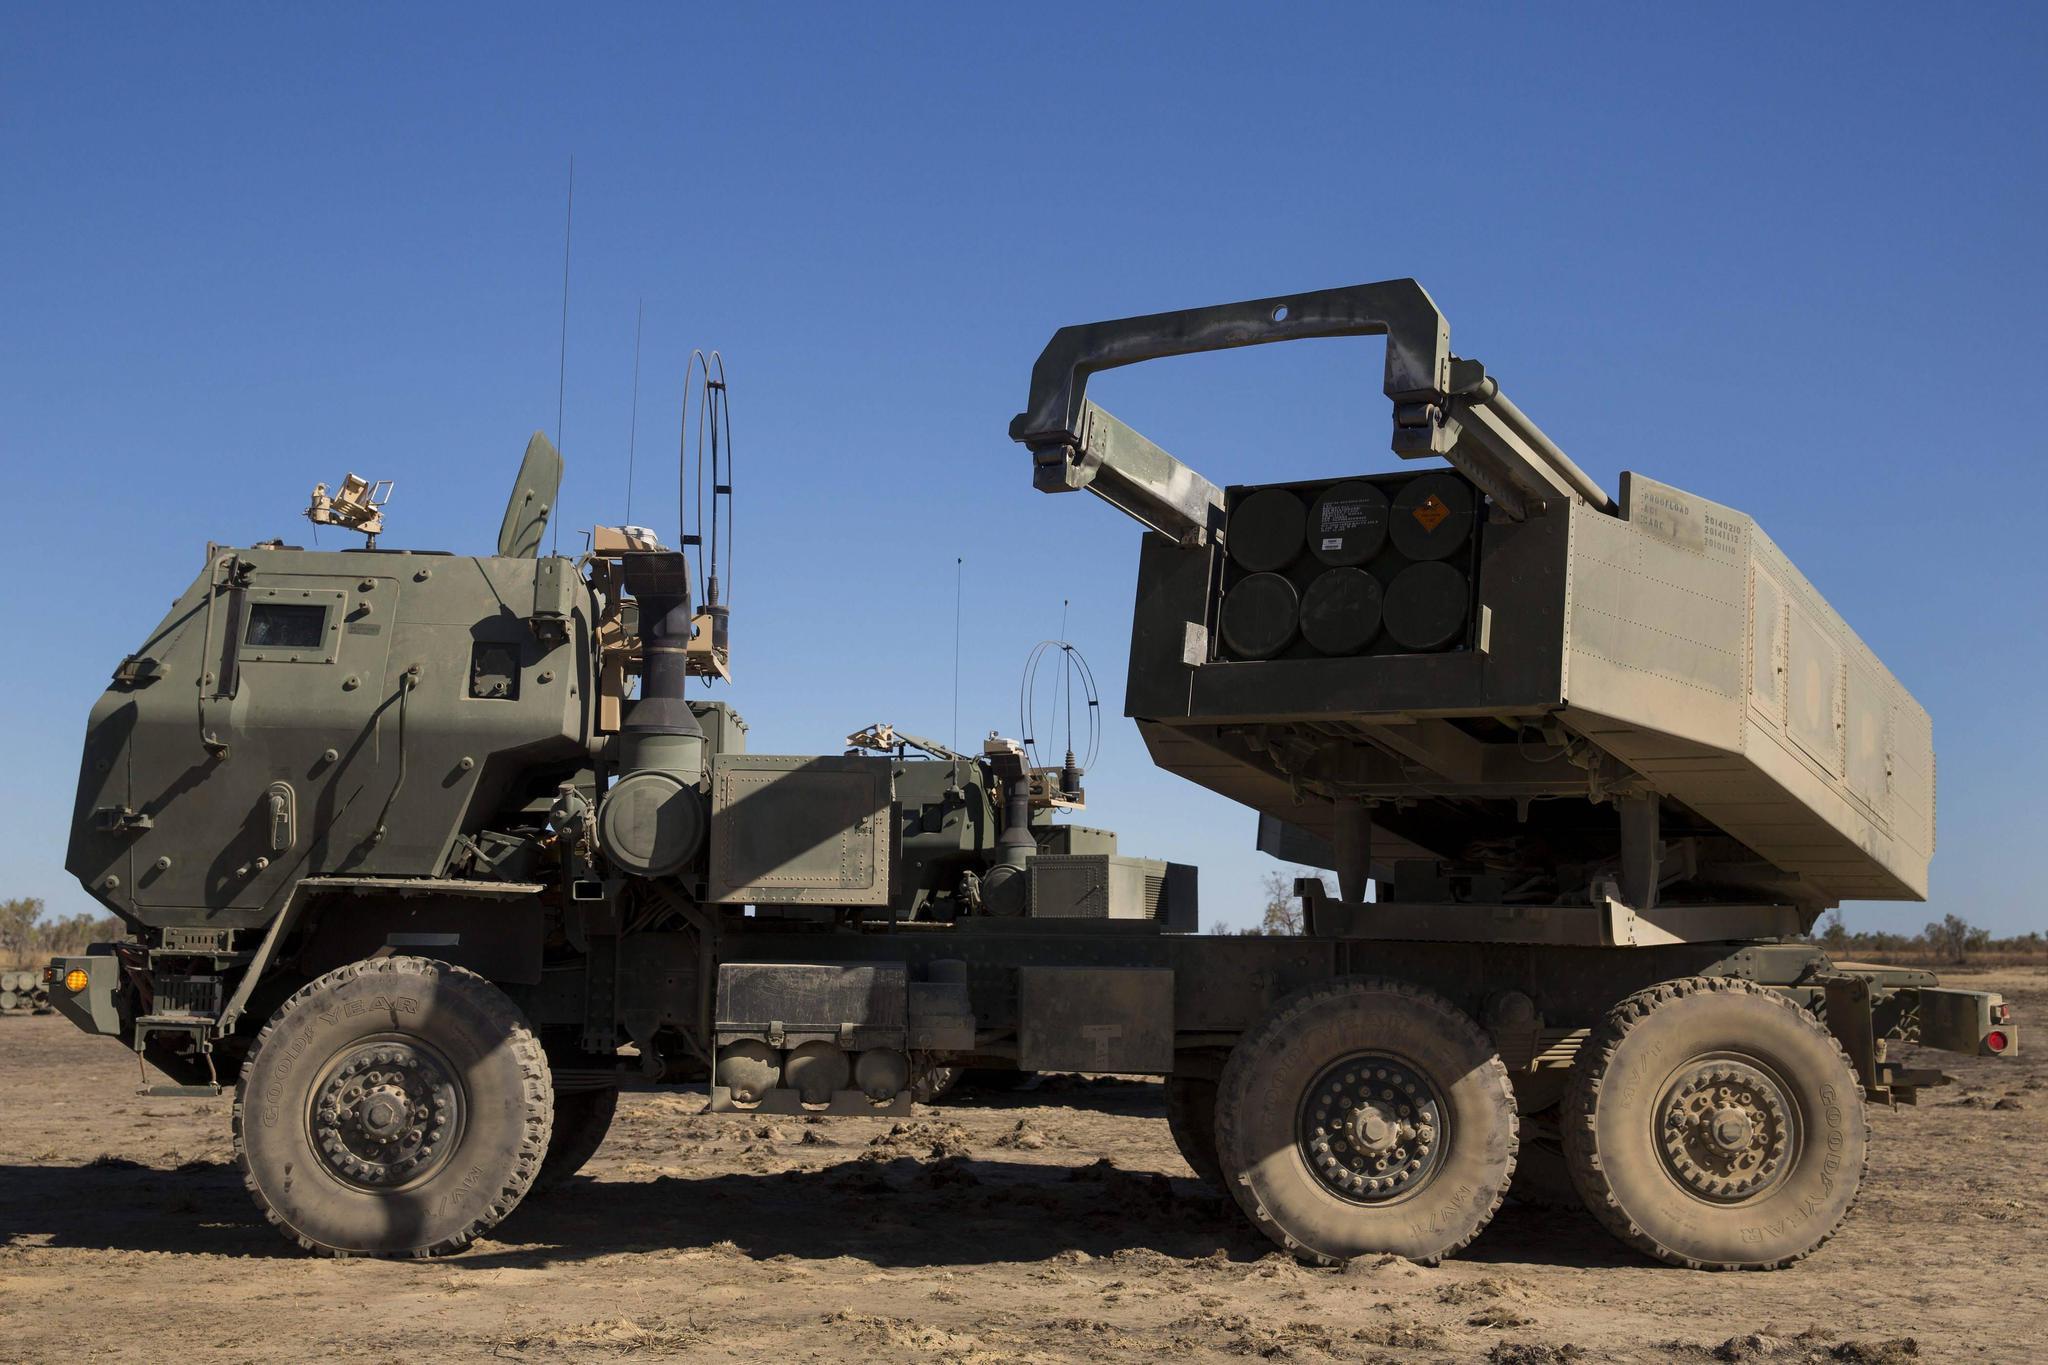 美军的海马斯多管火箭系统